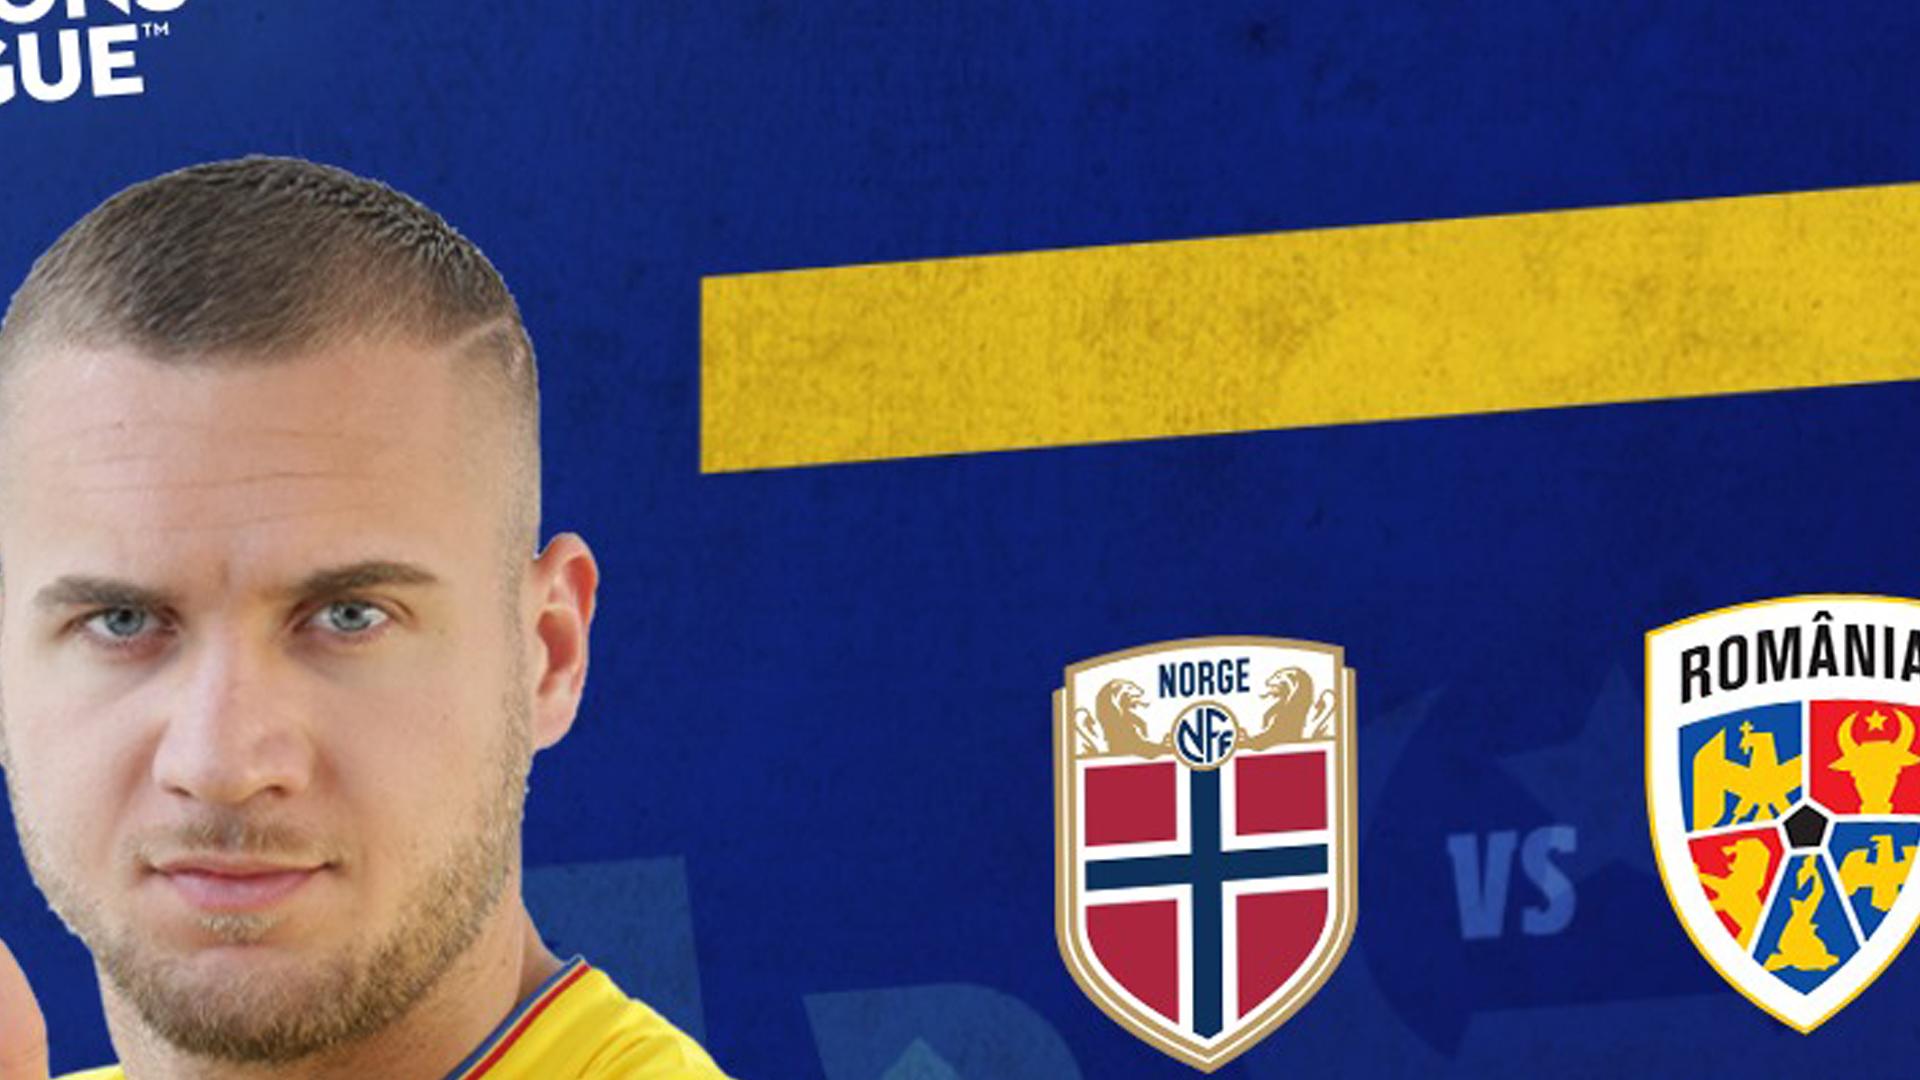 Norvegia - România live de la ora 19 la Pro TV și live video pe protvplus.ro